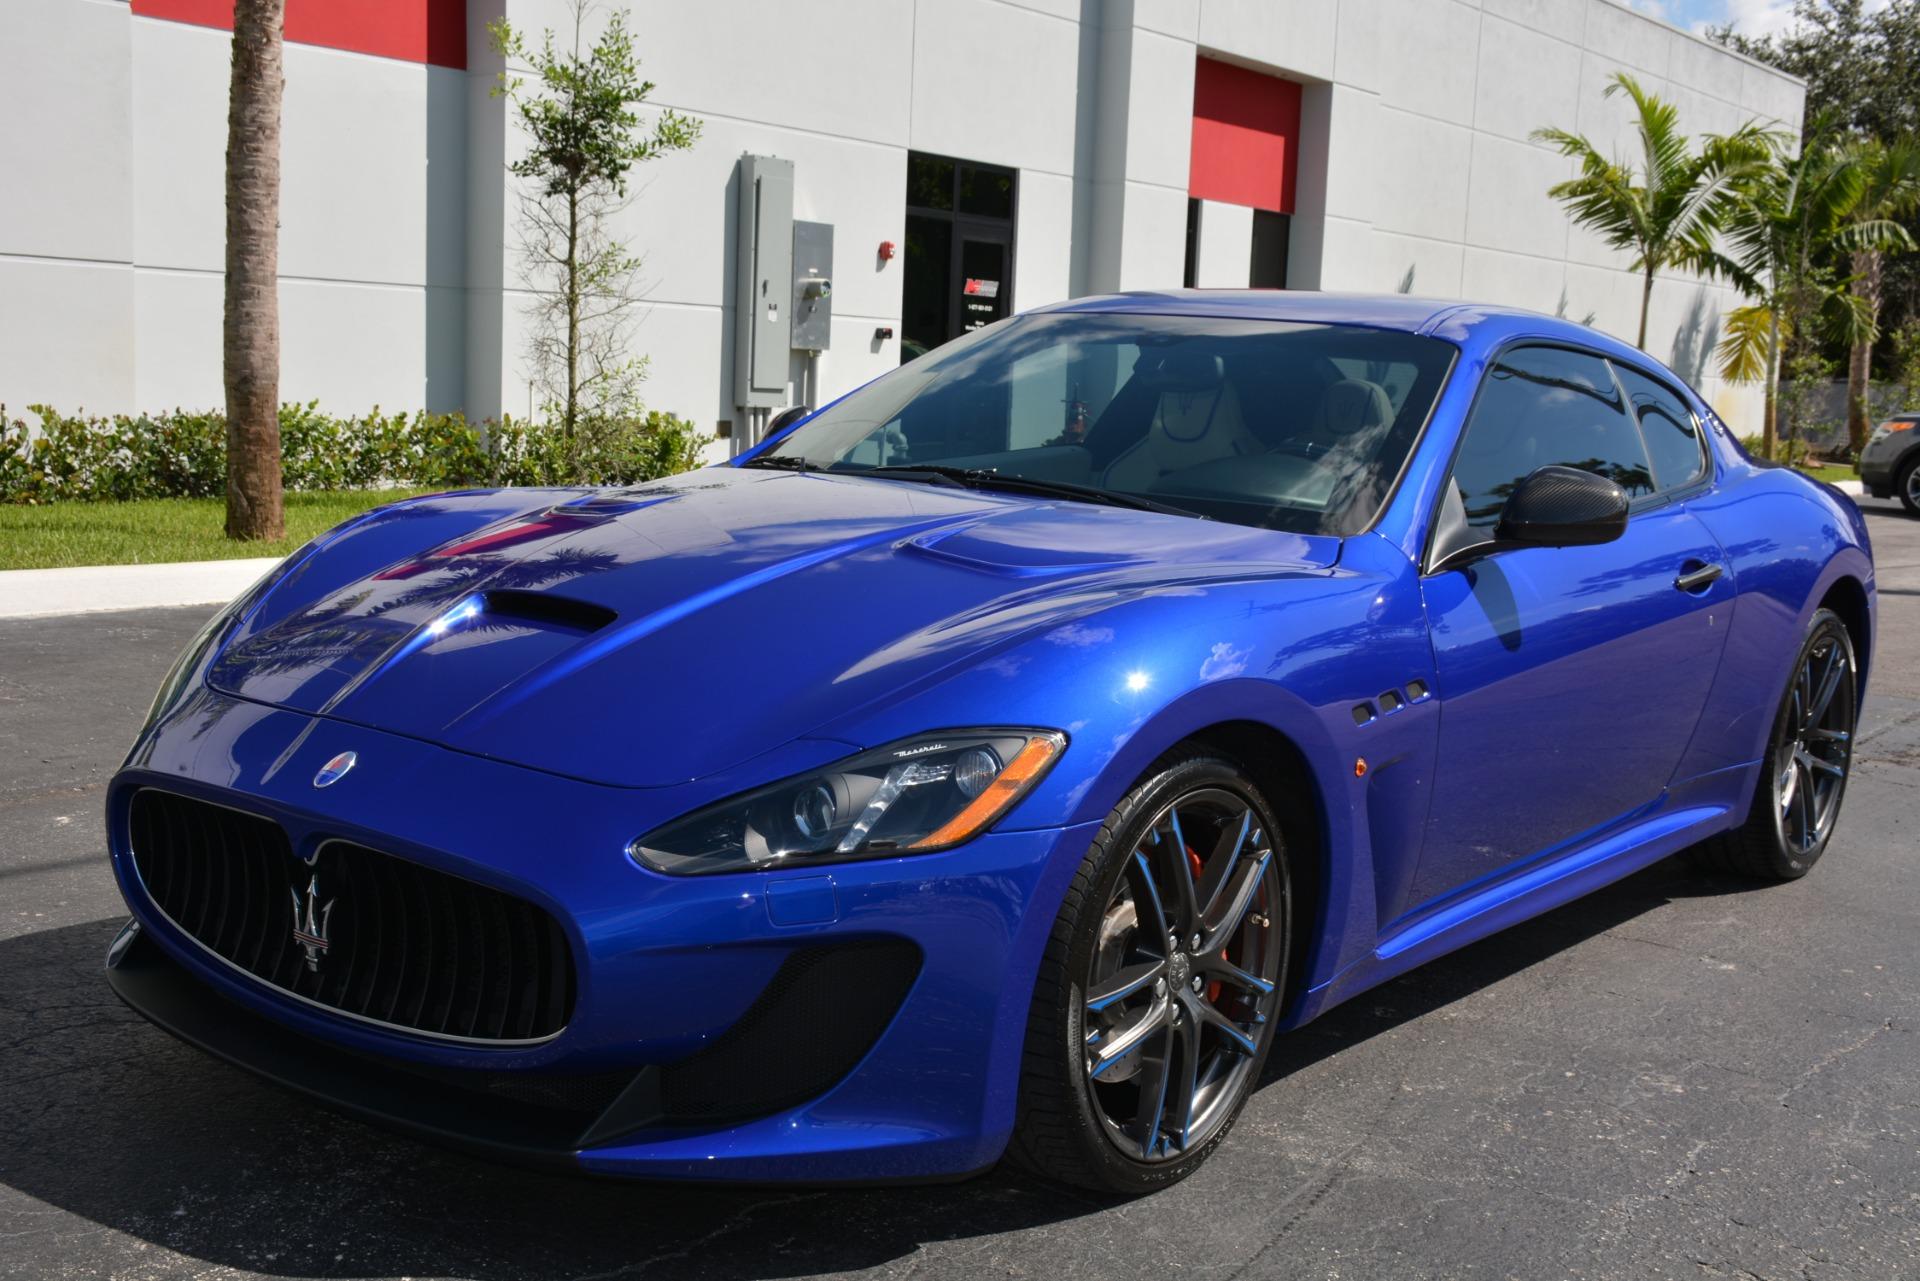 Used 2015 Maserati GranTurismo MC Centennial For Sale ...